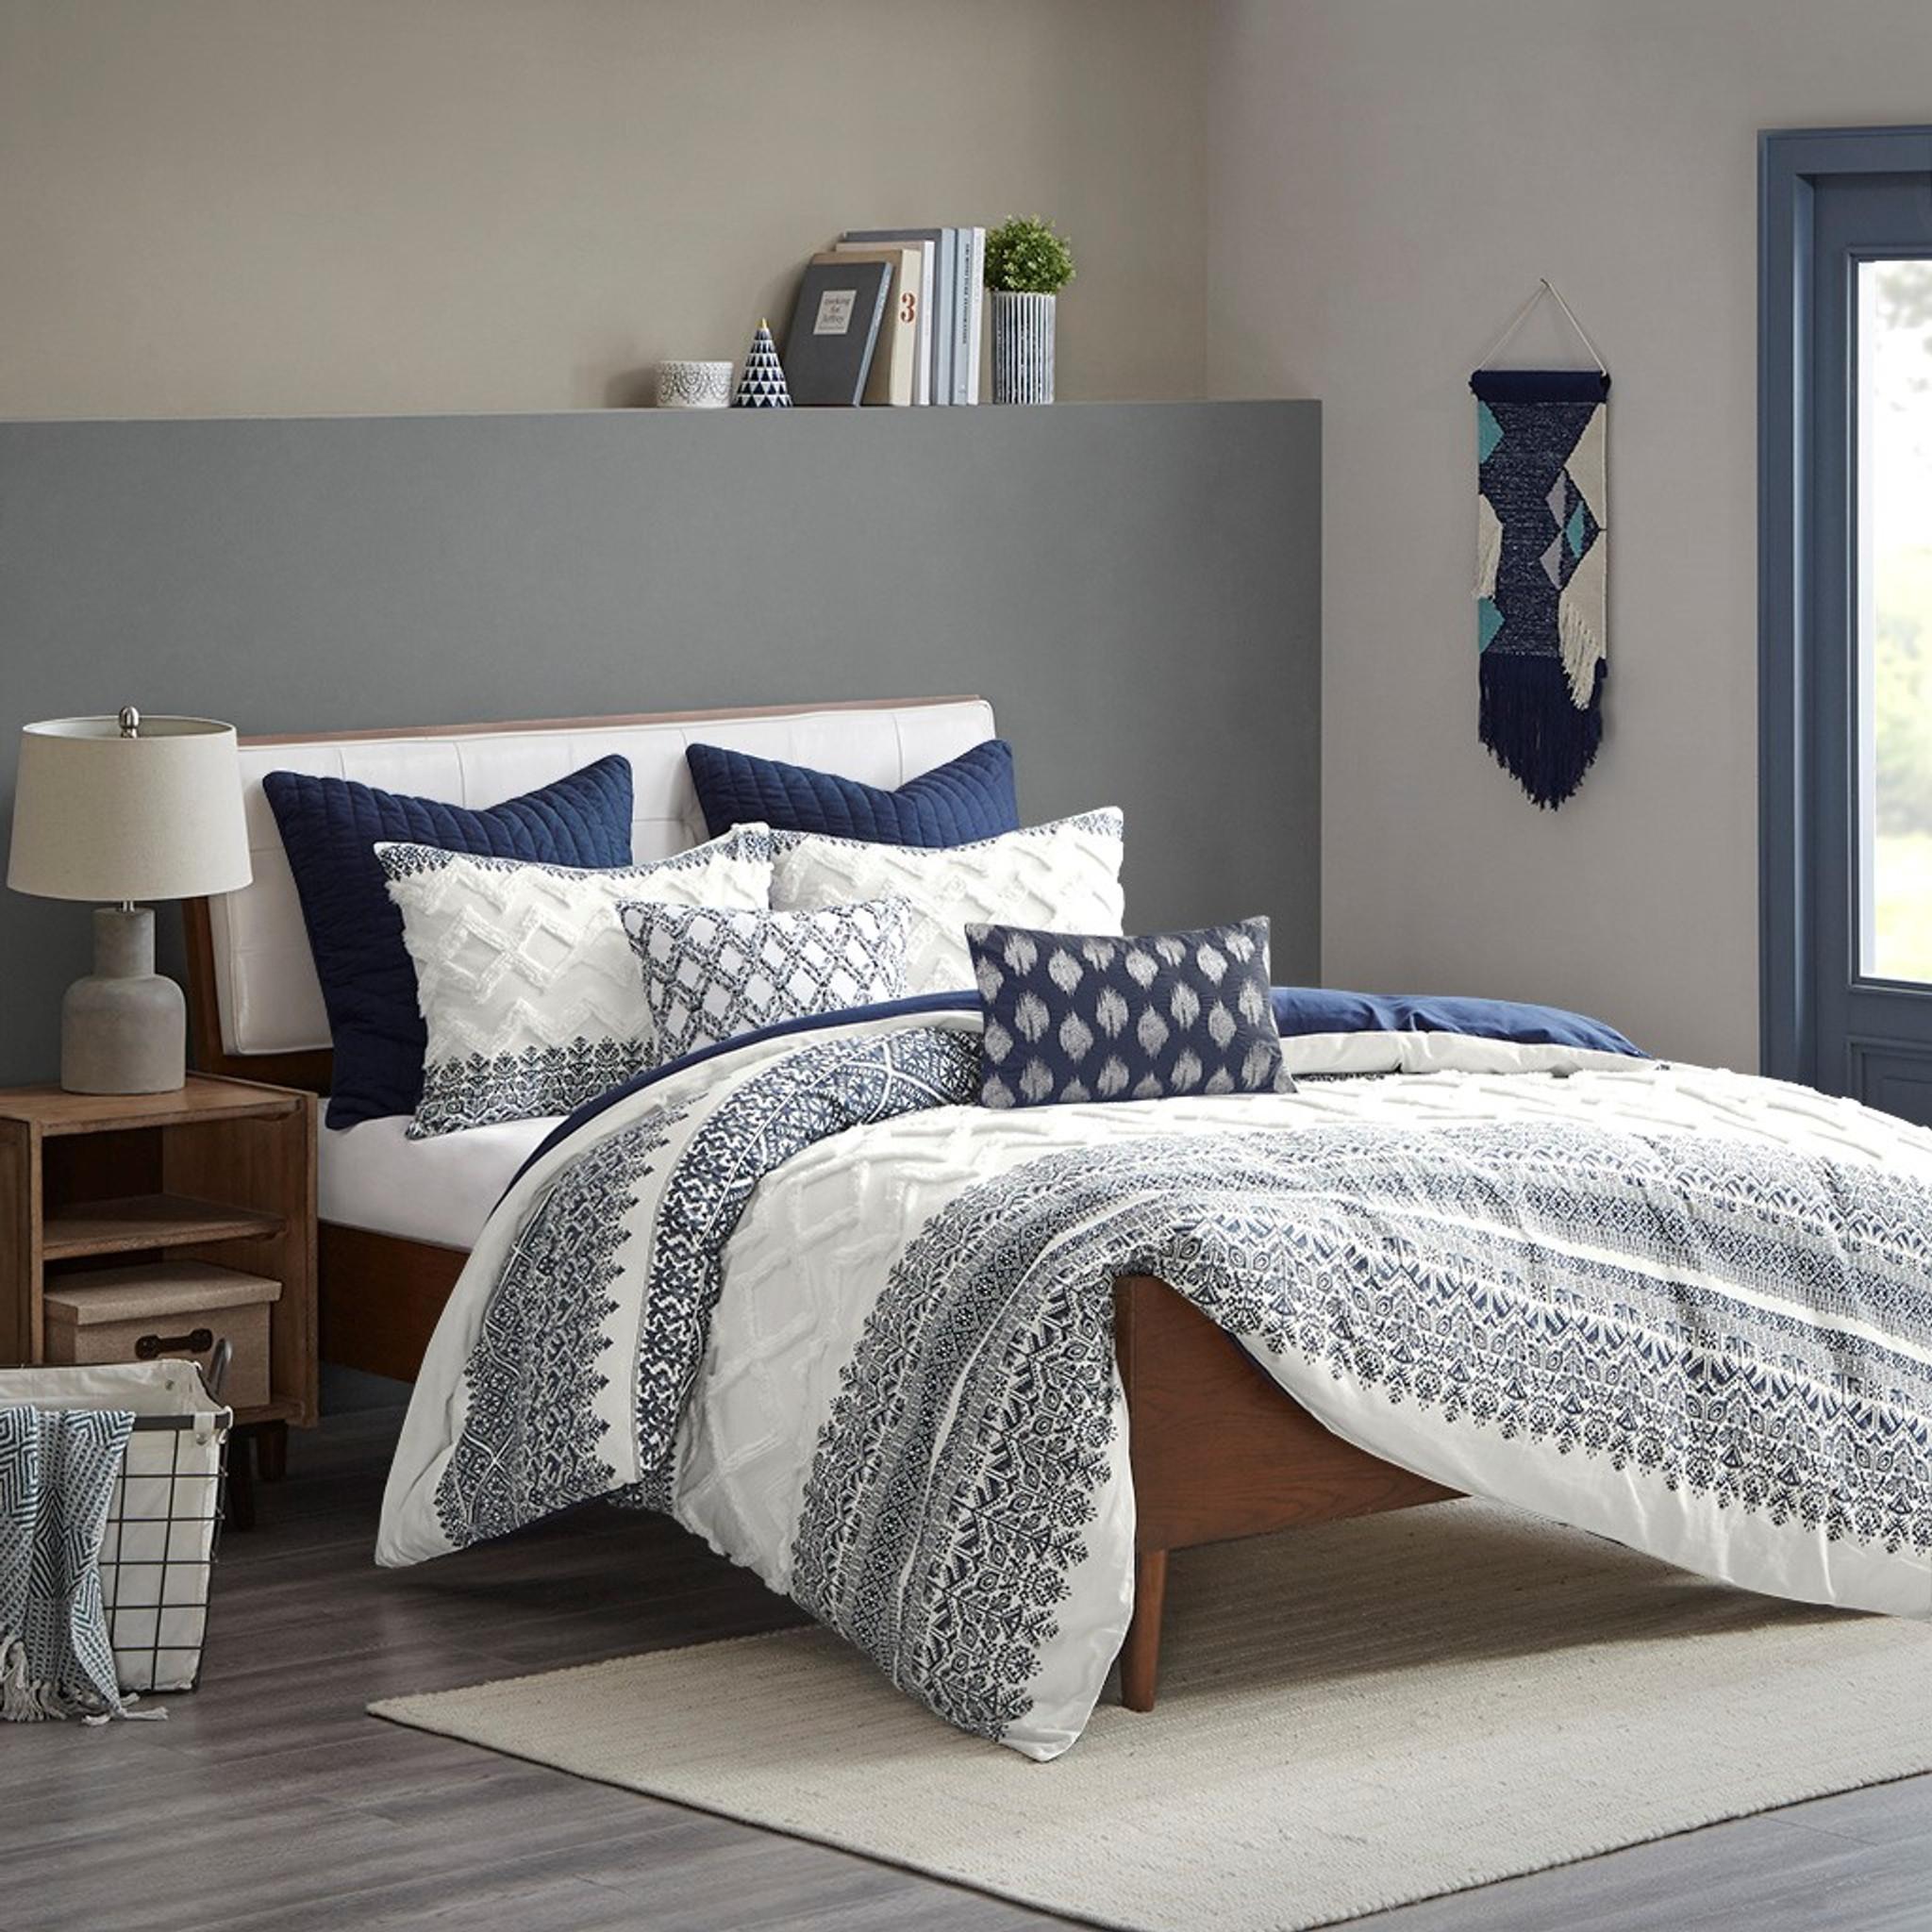 Comforter Sets Queen.Malibu Boho Navy And White Comforter Set Queen Caron S Beach House